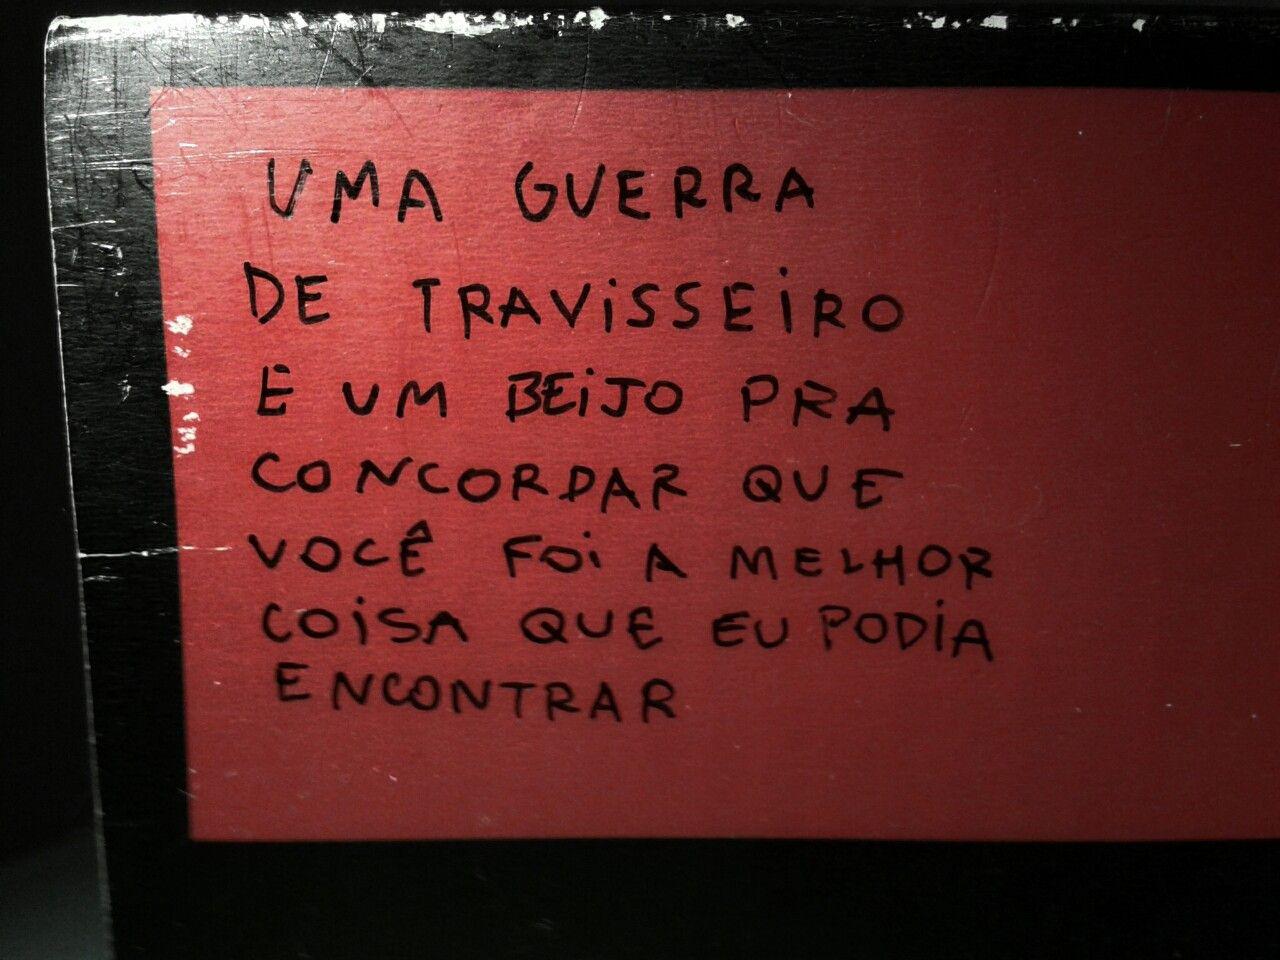 . travEsseiro